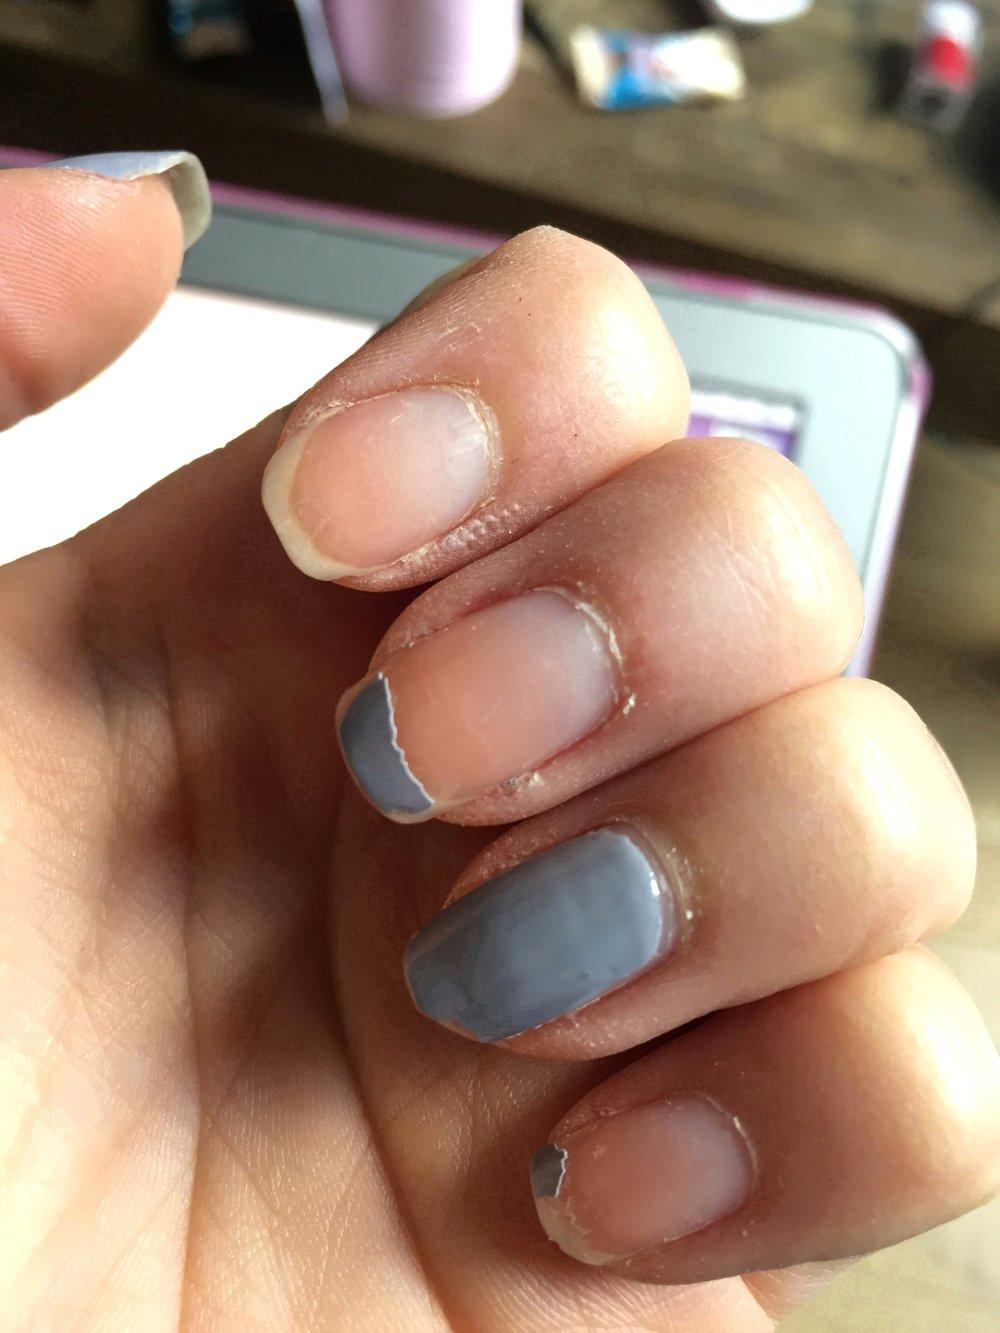 État des mes ongles une fois le vernis enlevé: le dessus de mes ongles est impeccable!